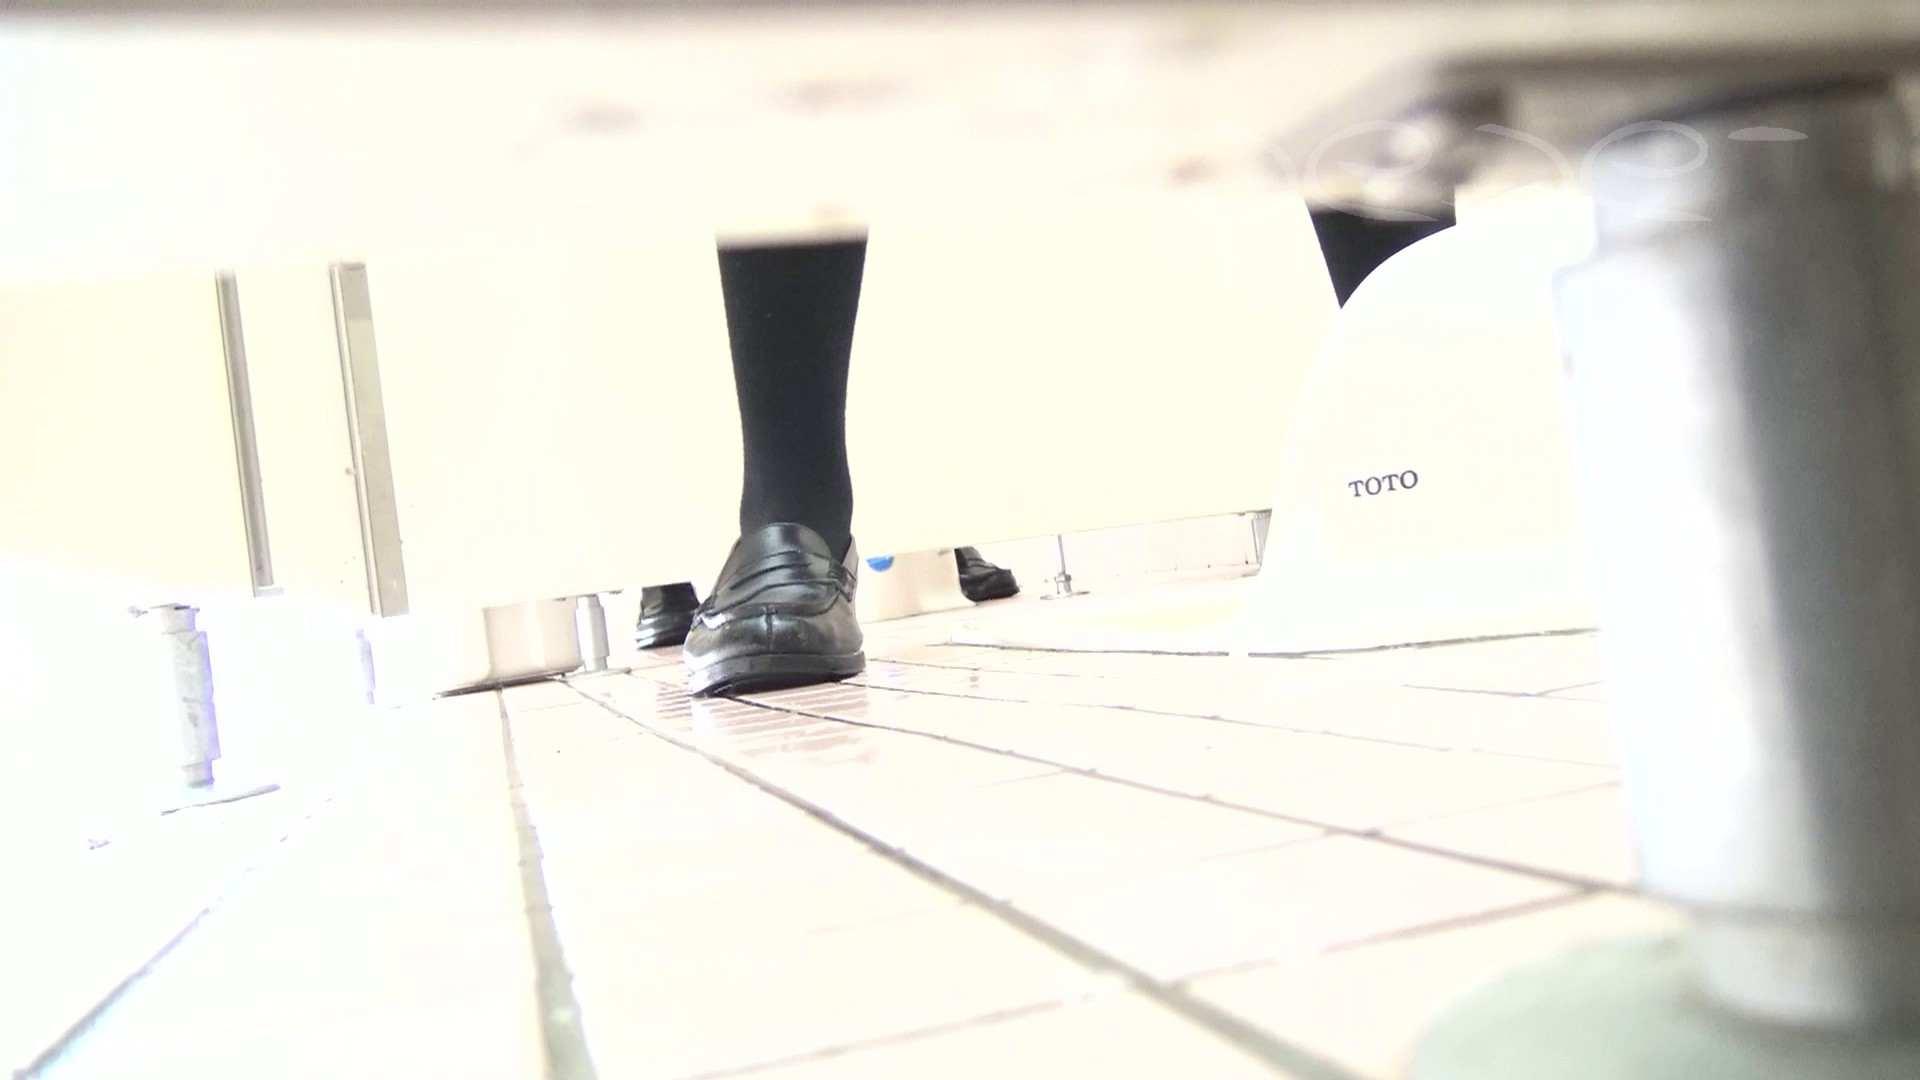 ハメ撮り ▲期間限定D▲至高洗面所盗撮 17 極上体育館2カメ撮りヤバヤバ!! 怪盗ジョーカー